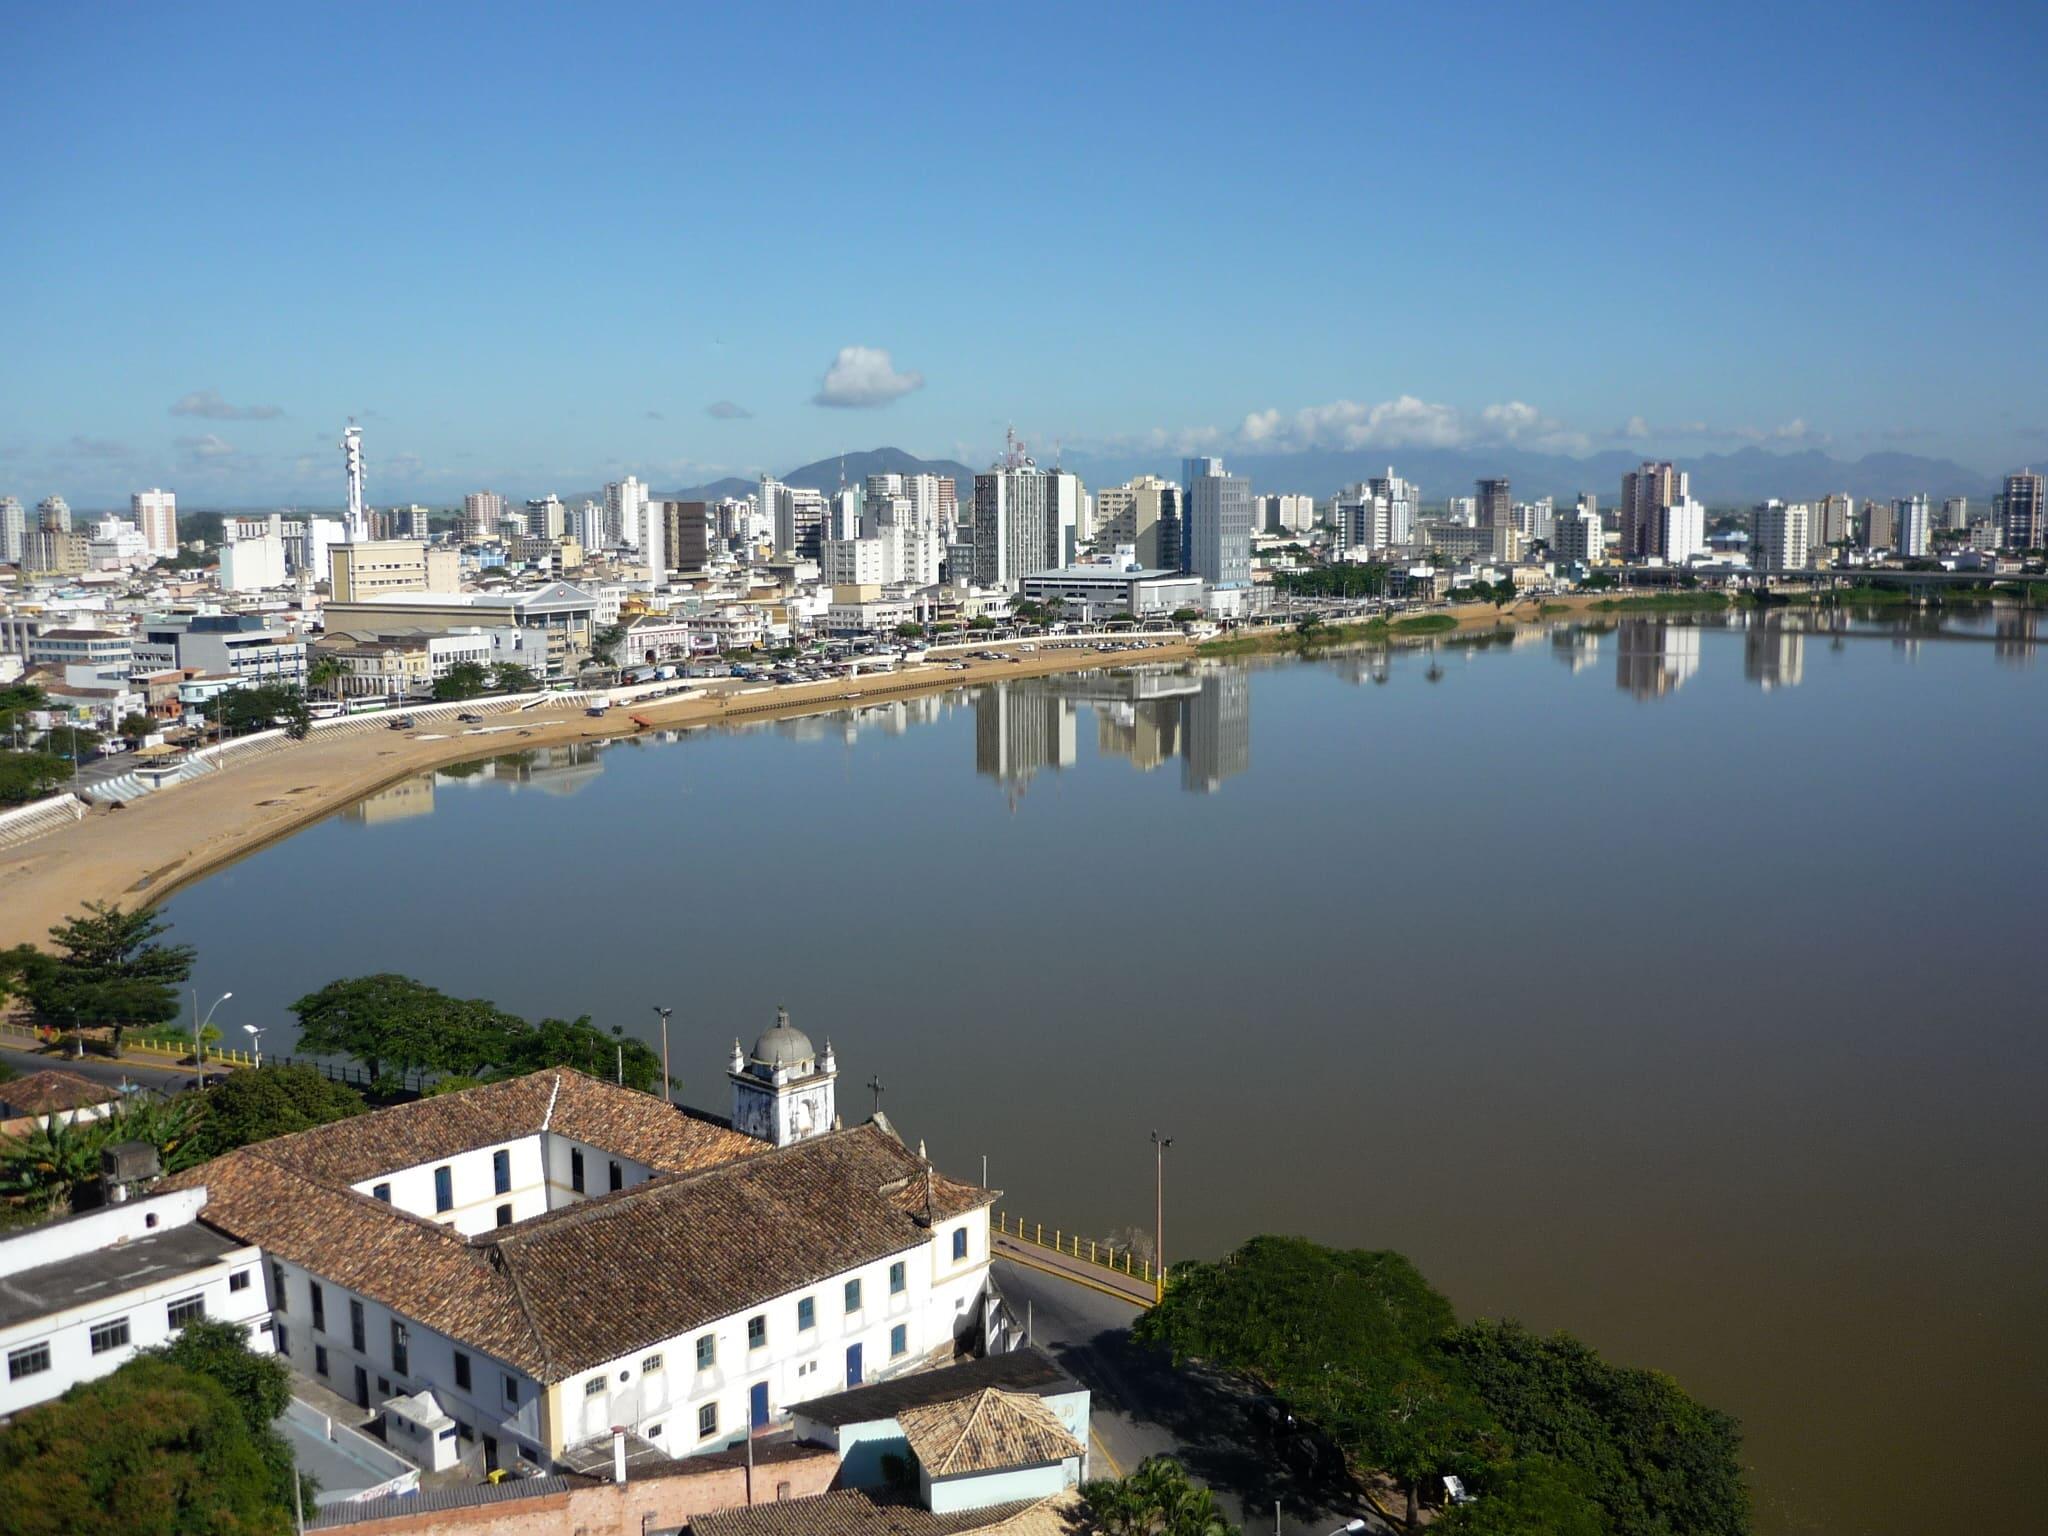 Encontre um advogado criminal em Campos dos Goytacazes e na região Norte Fluminense